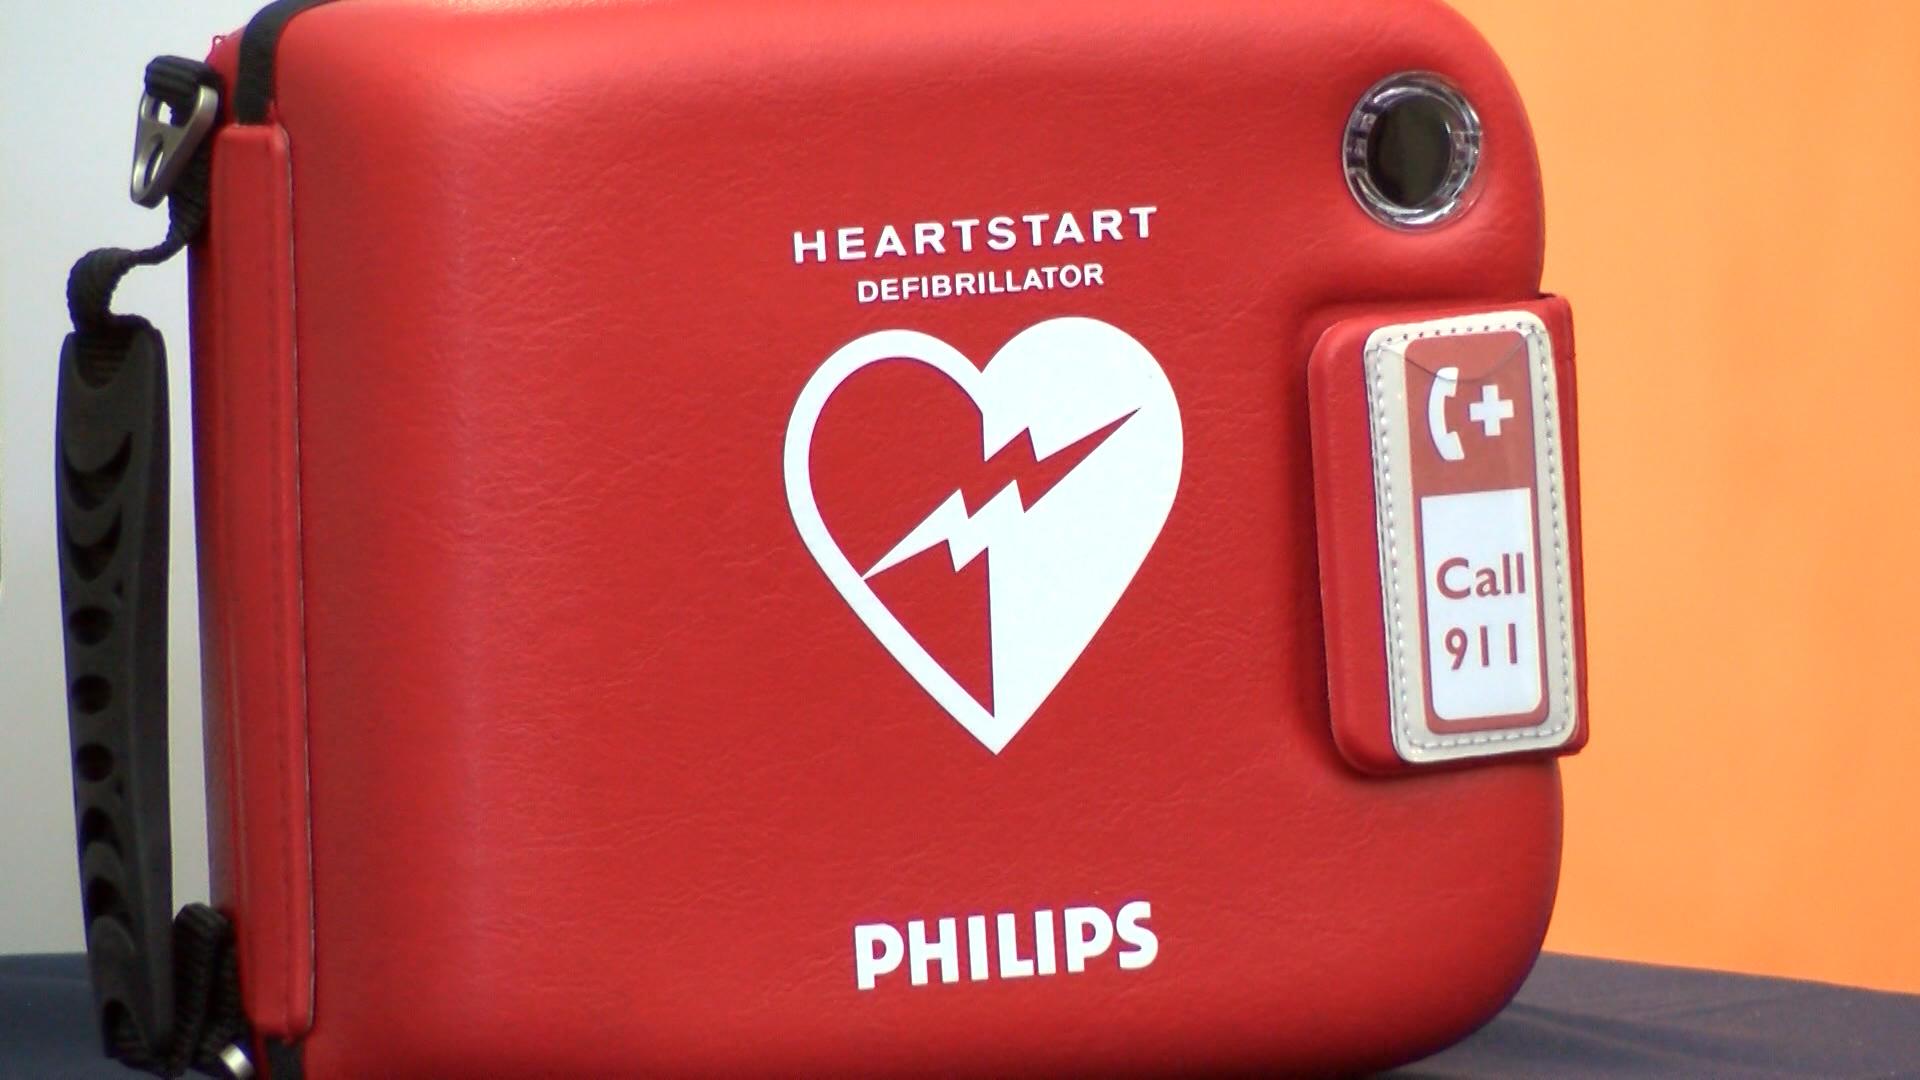 AED DONATION VO_WTWO6935_136.mxf.00_00_14_01.Still001_1510005801400.jpg